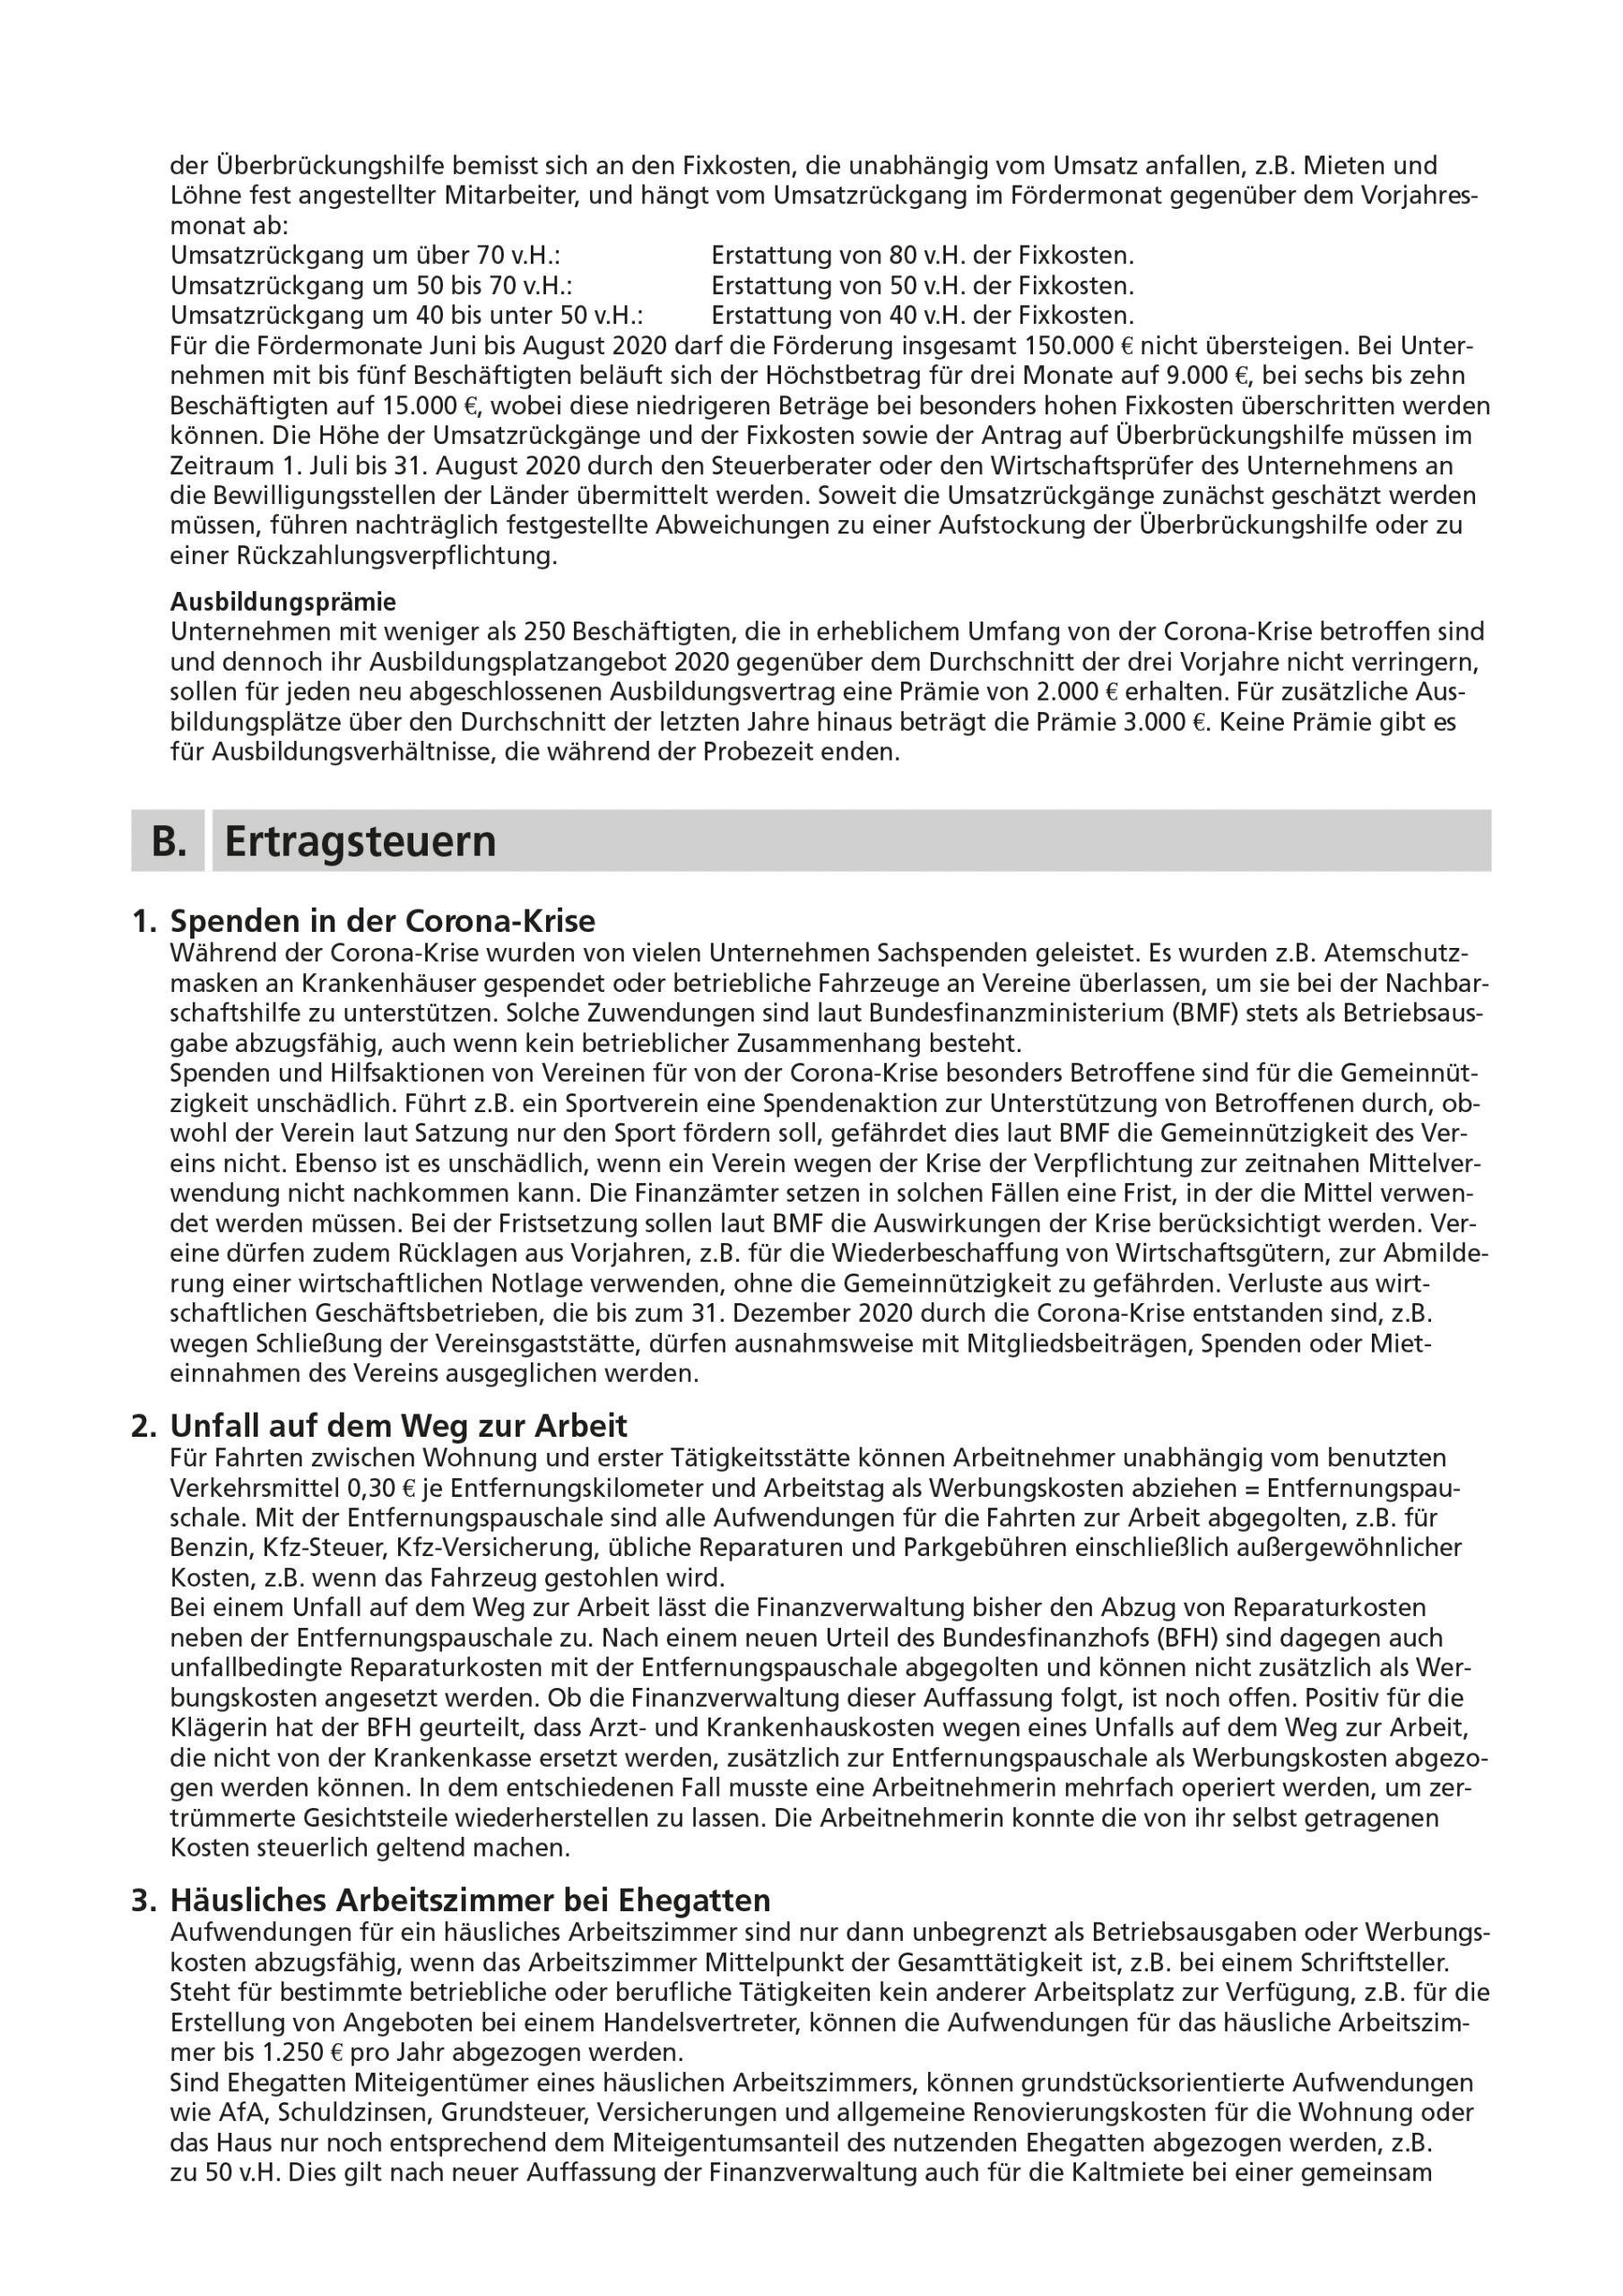 js-tax Steuerberatung Mandantenrundschreiben 2020-07 S5